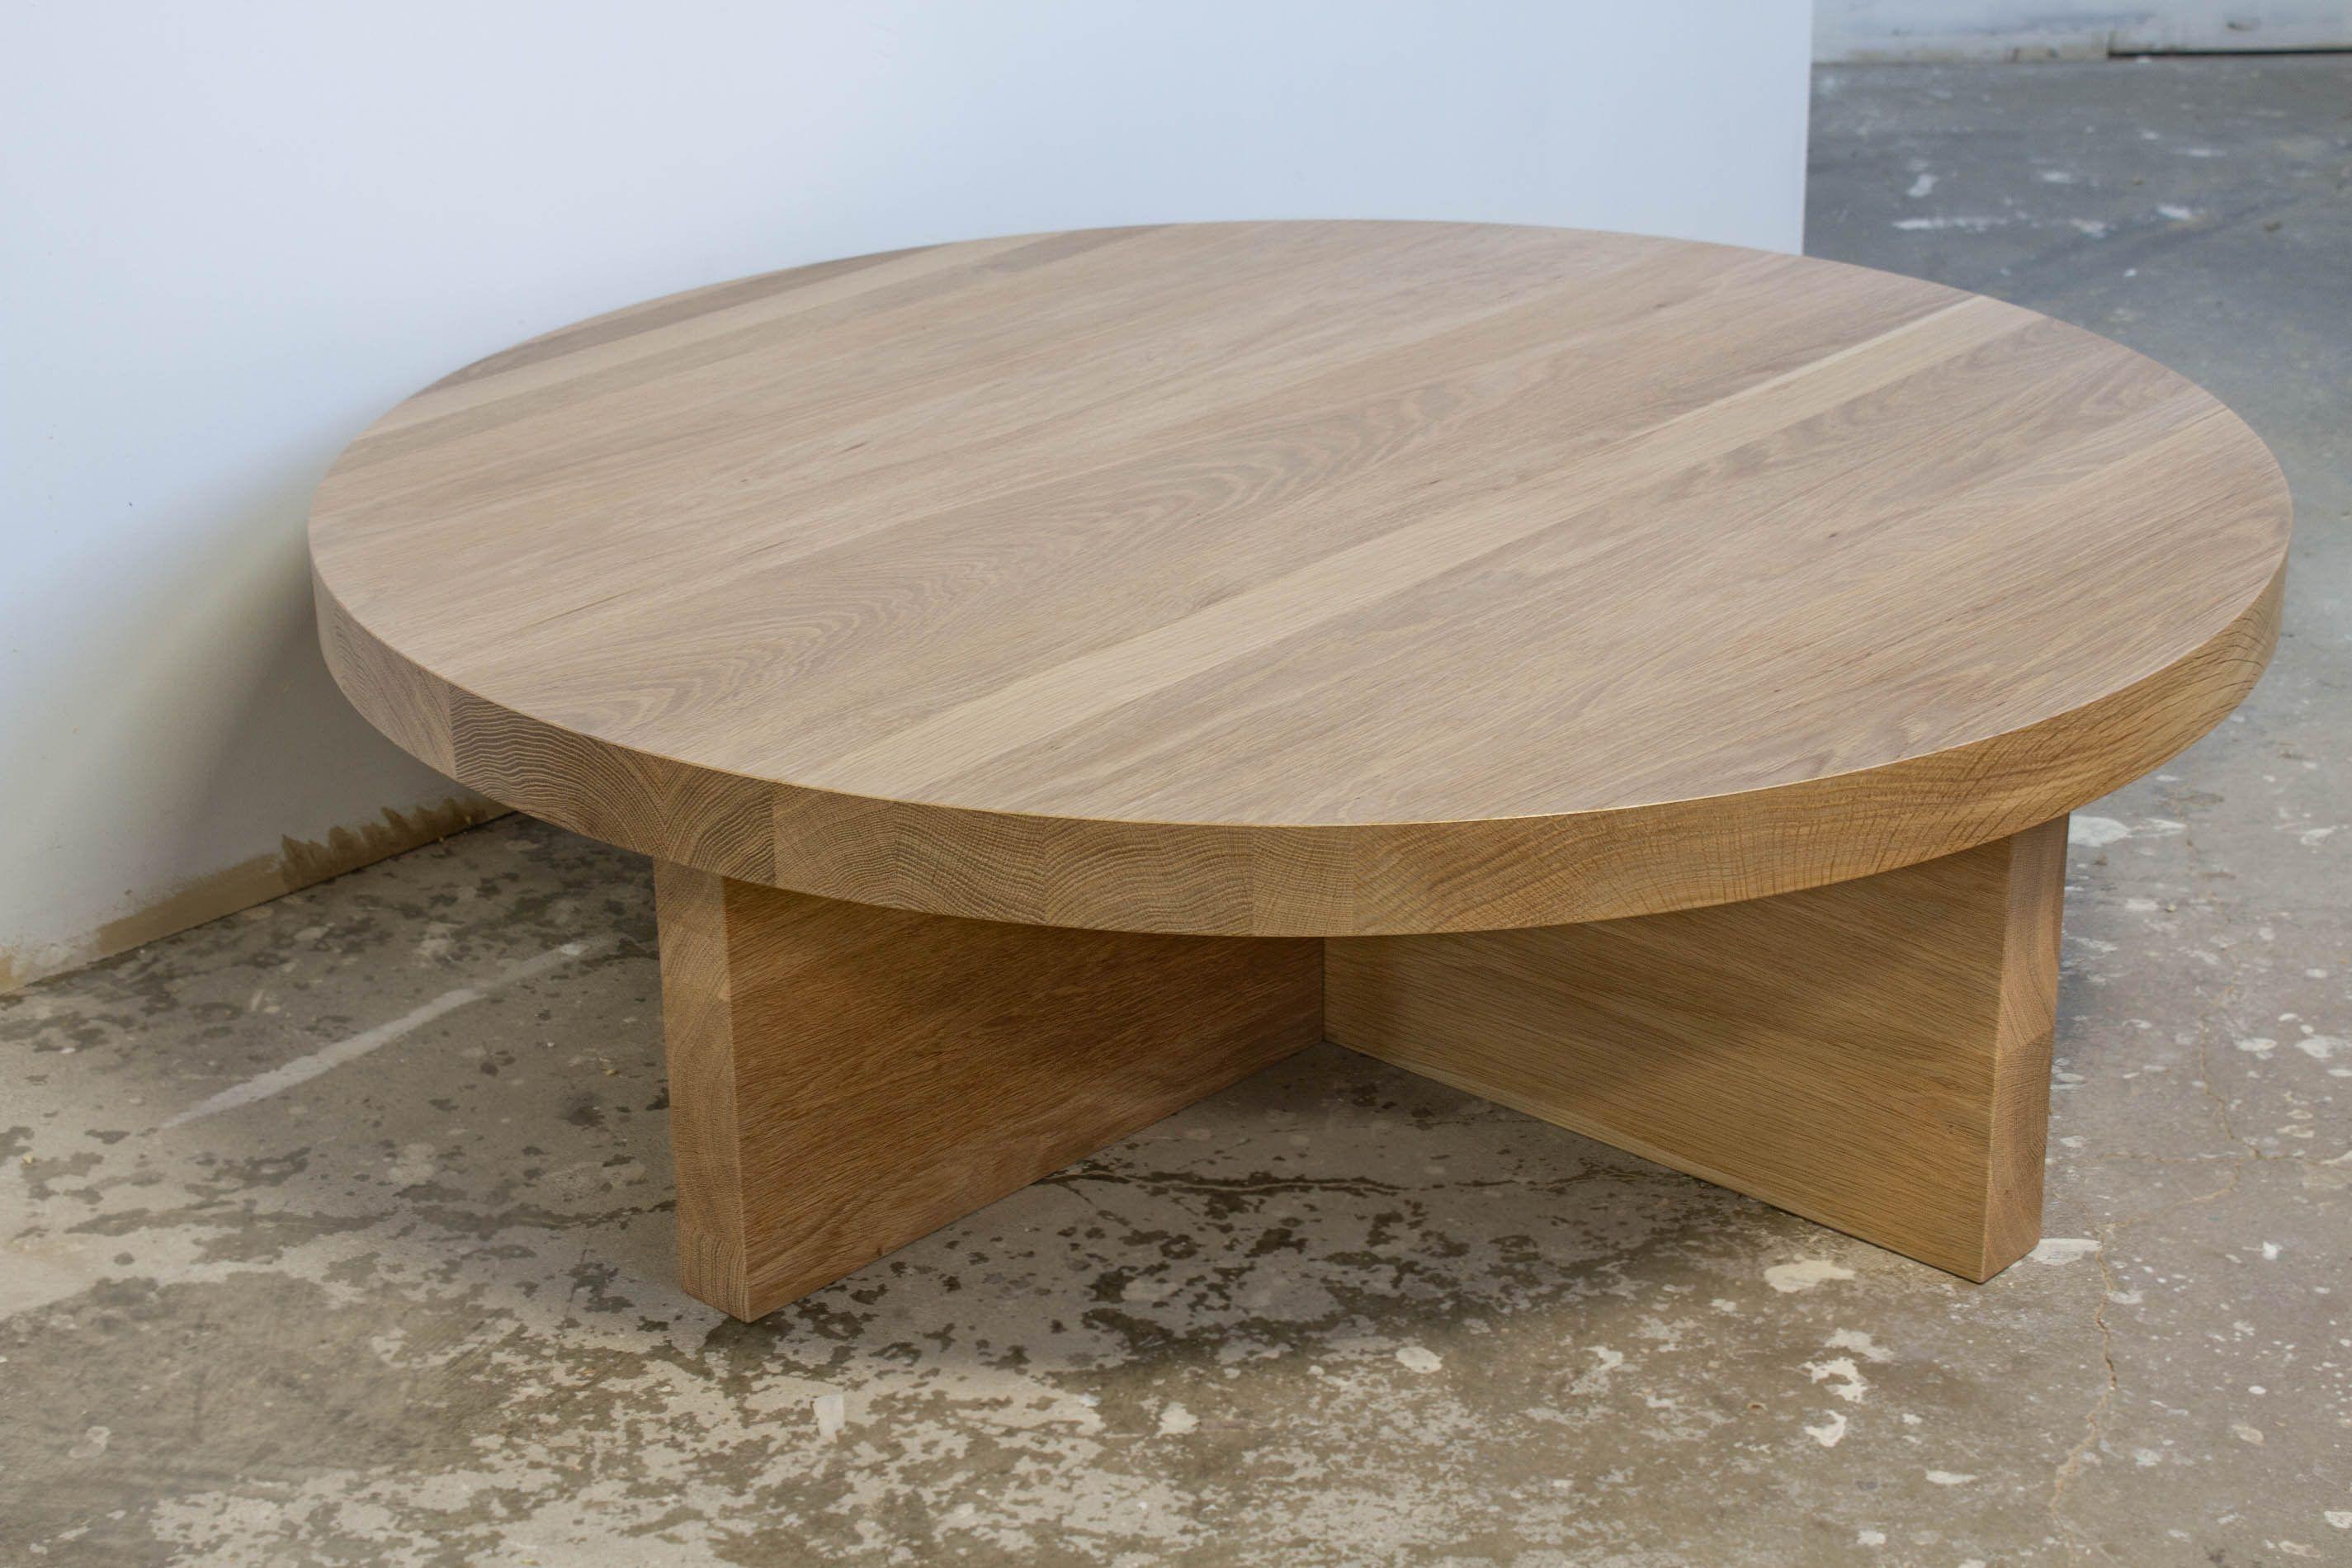 White Oak Coffee Table Round Free Shipping Designed With Etsy Round Wood Coffee Table Coffee Table Furniture Design Coffee Table [ 1900 x 2850 Pixel ]